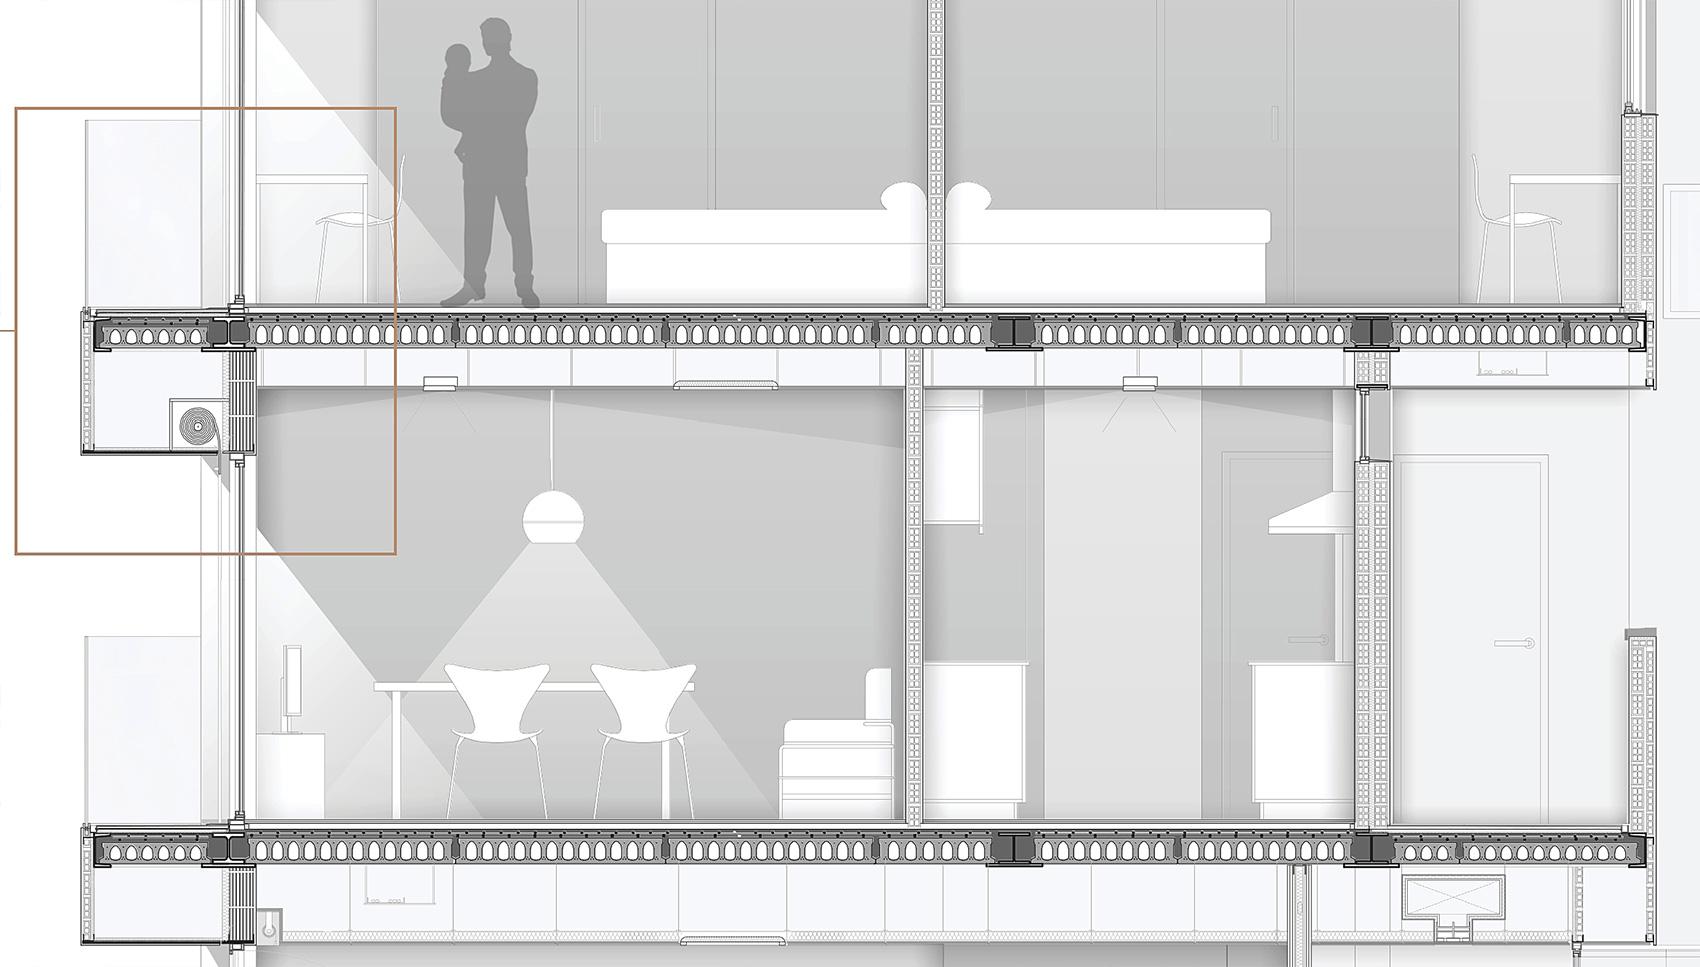 Ludoteca y viviendas arquiayuda ayuda pfc arquitectura - Servicios de arquitectura ...